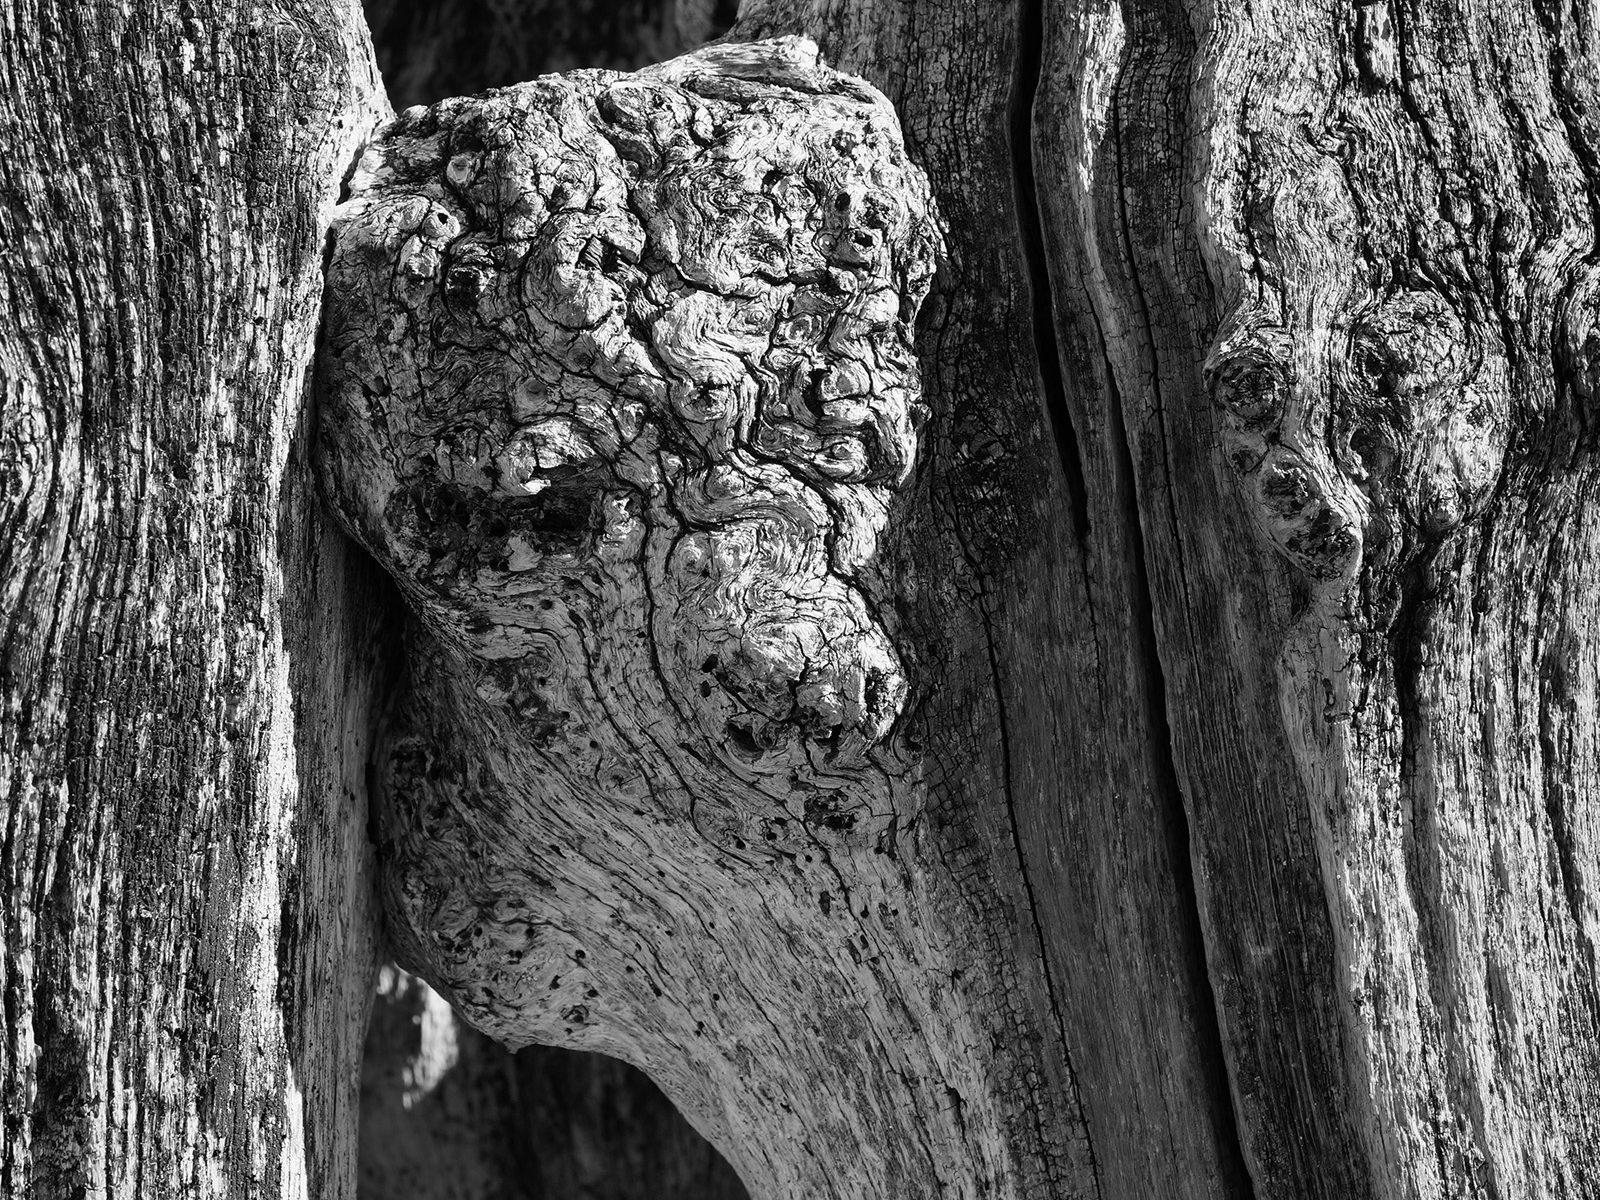 Brise-lames de Saint-Malo : portrait d'un agneau